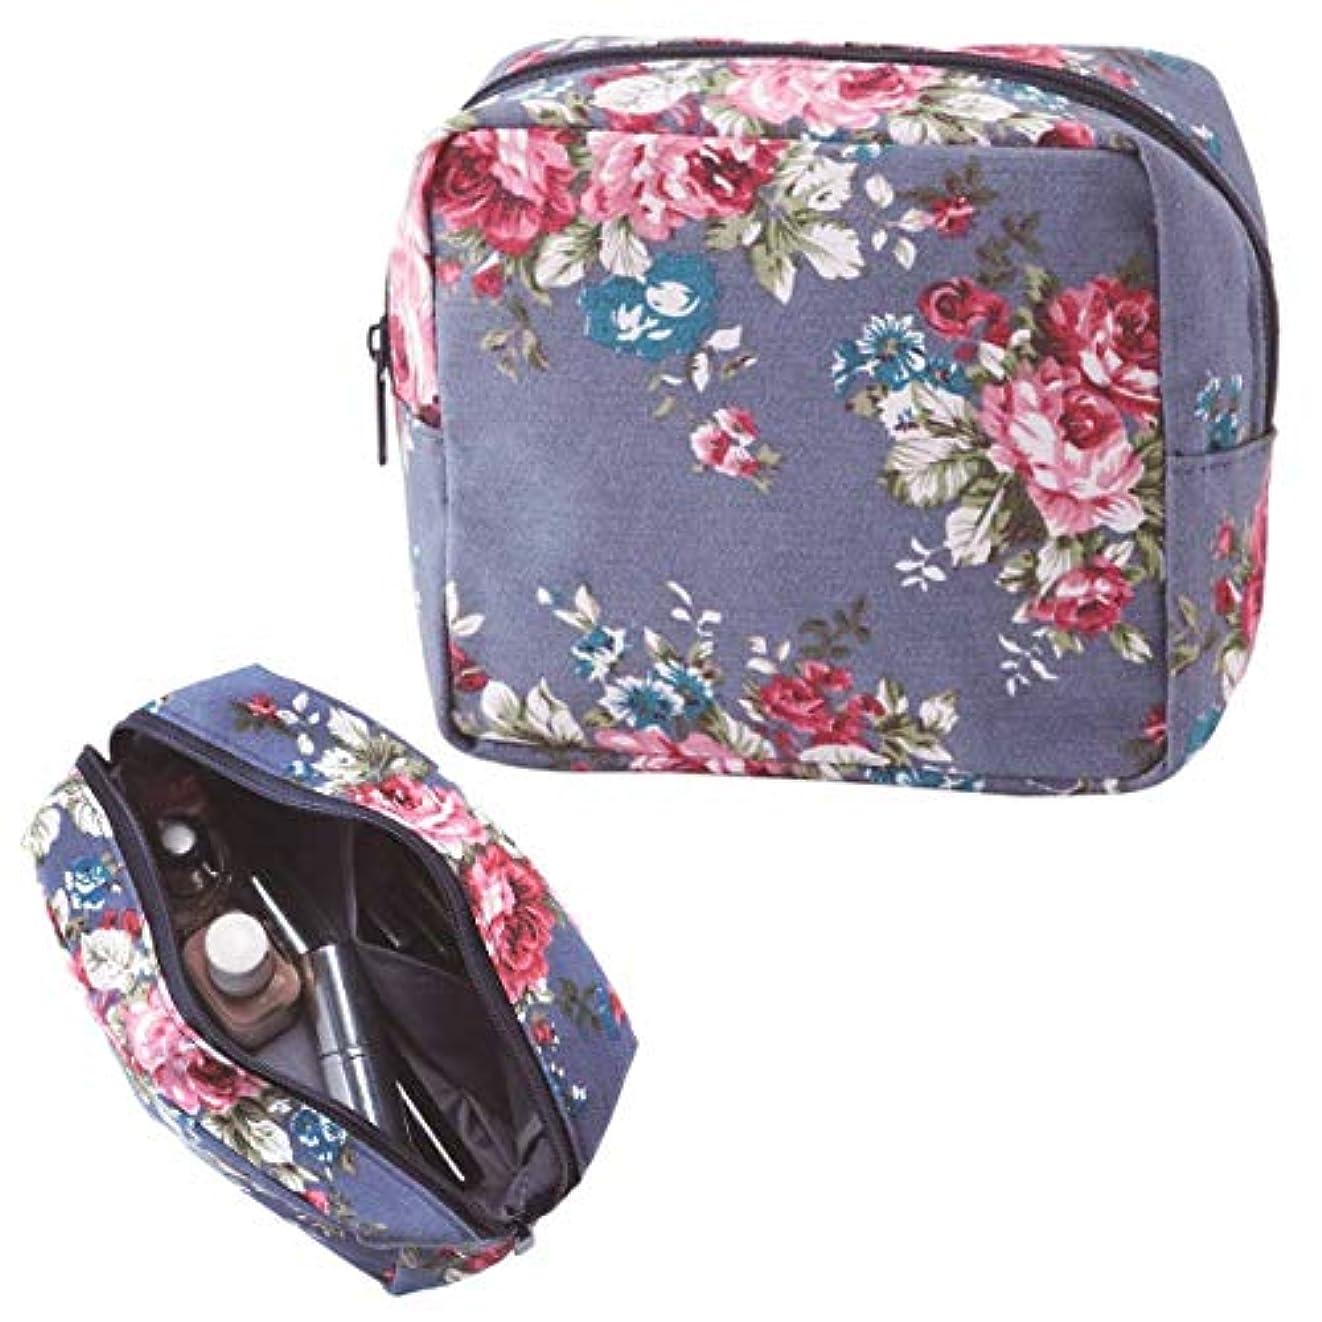 許容できる慰め前進レトロ感のあるローズ柄 花柄 化粧ポーチ コスメポーチ ボックス型ポーチ 小物入れ